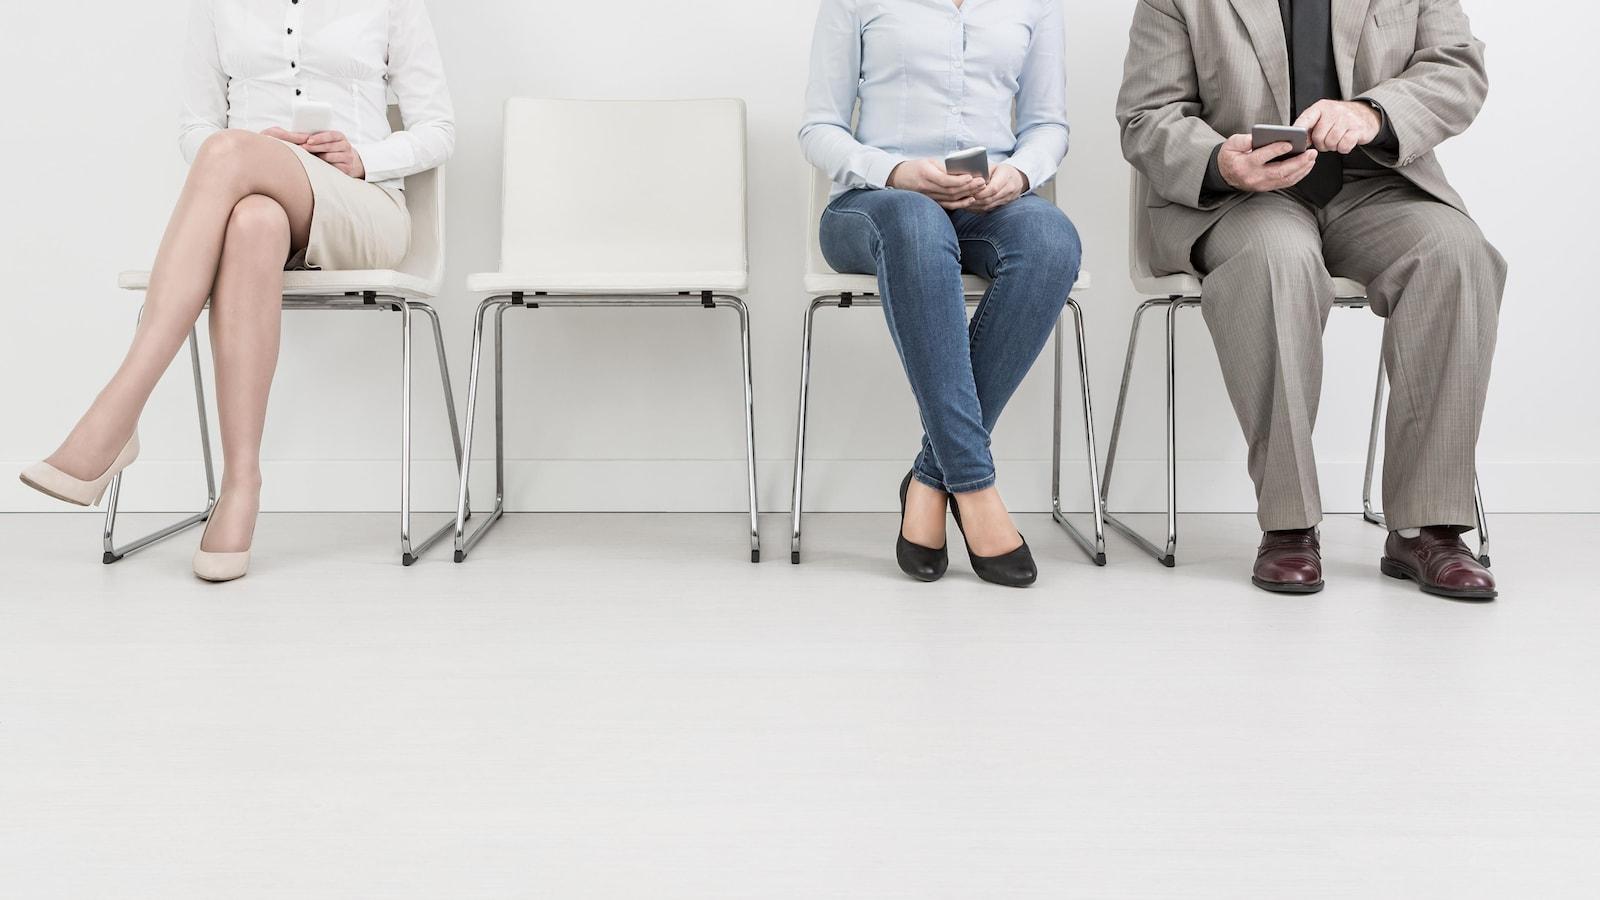 Trois personnes attendent pour une entrevue.